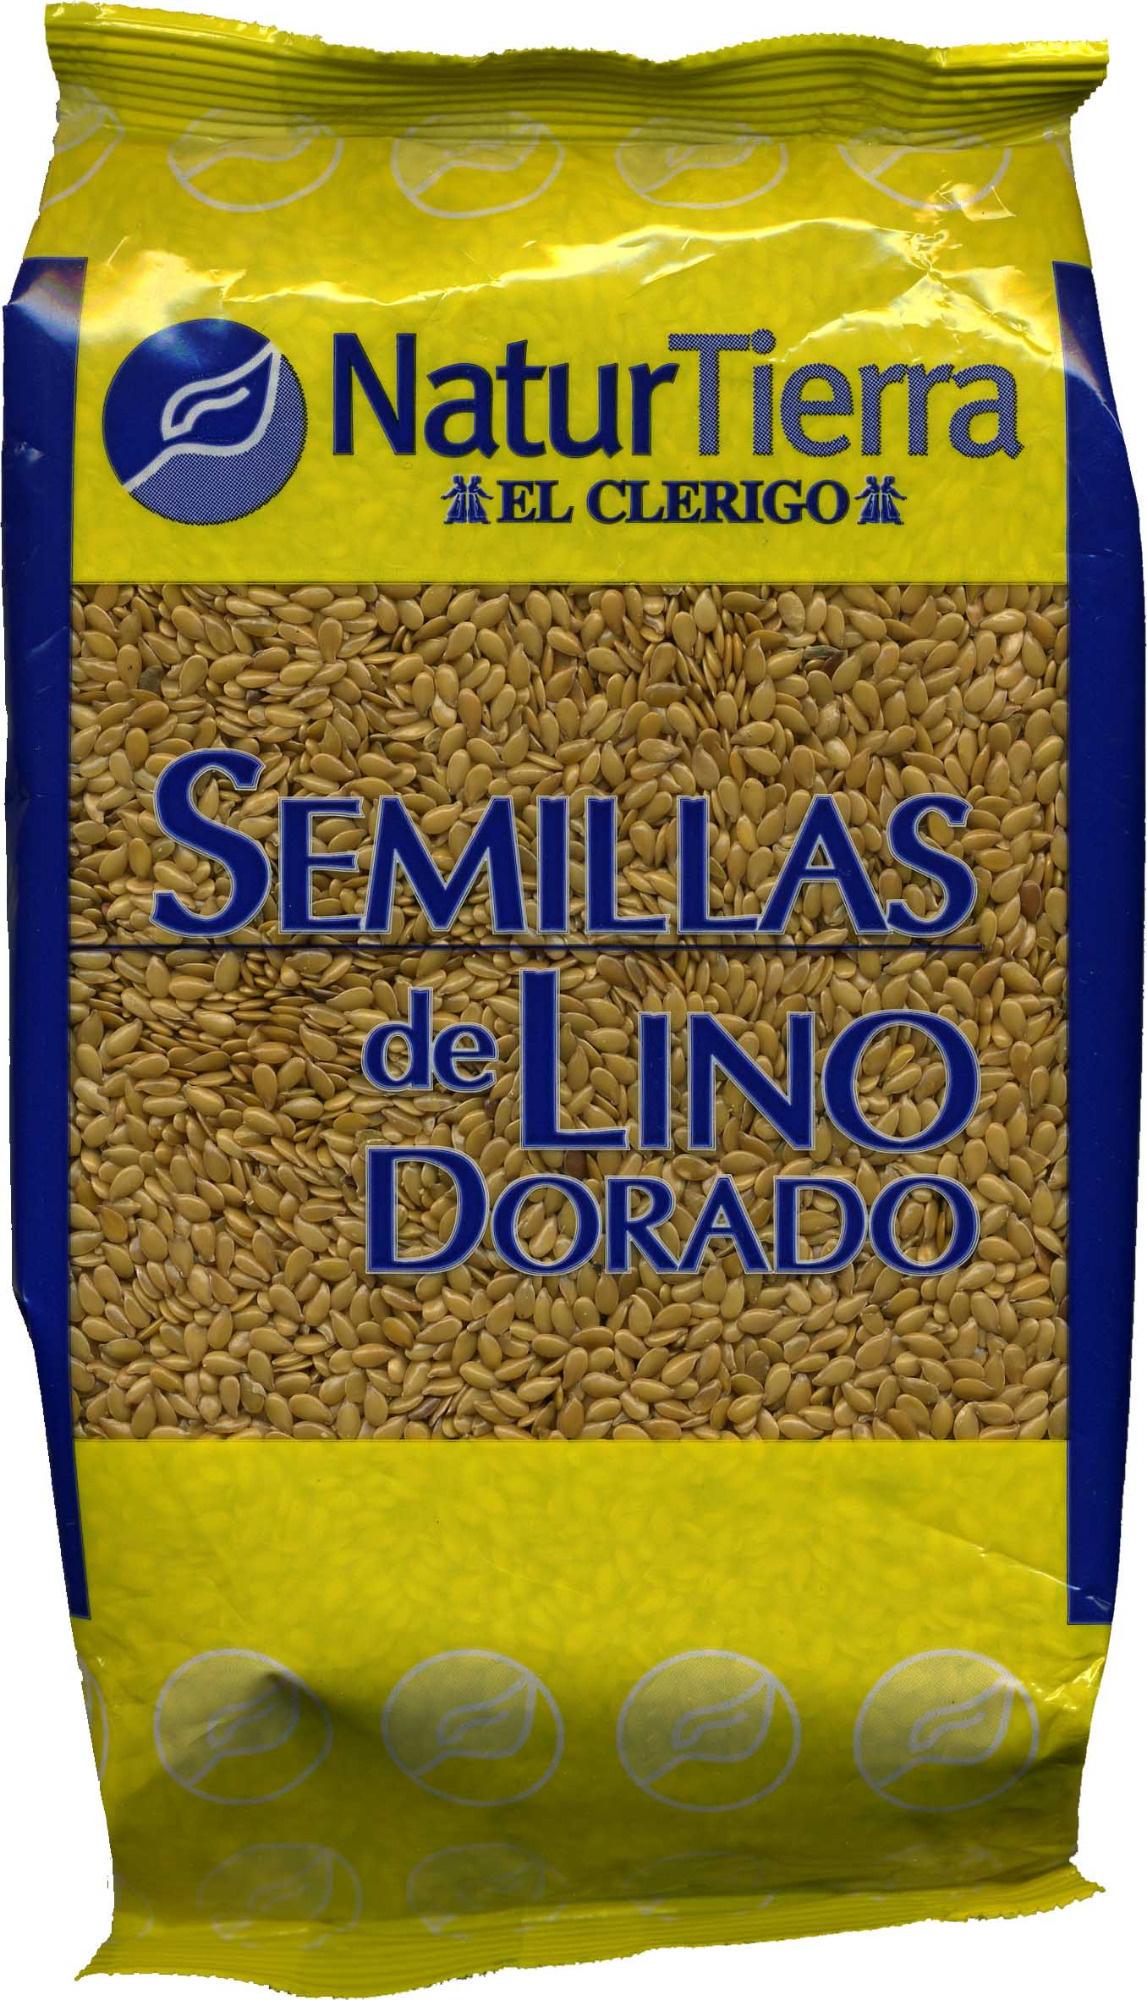 Semillas de lino dorado - Produit - es